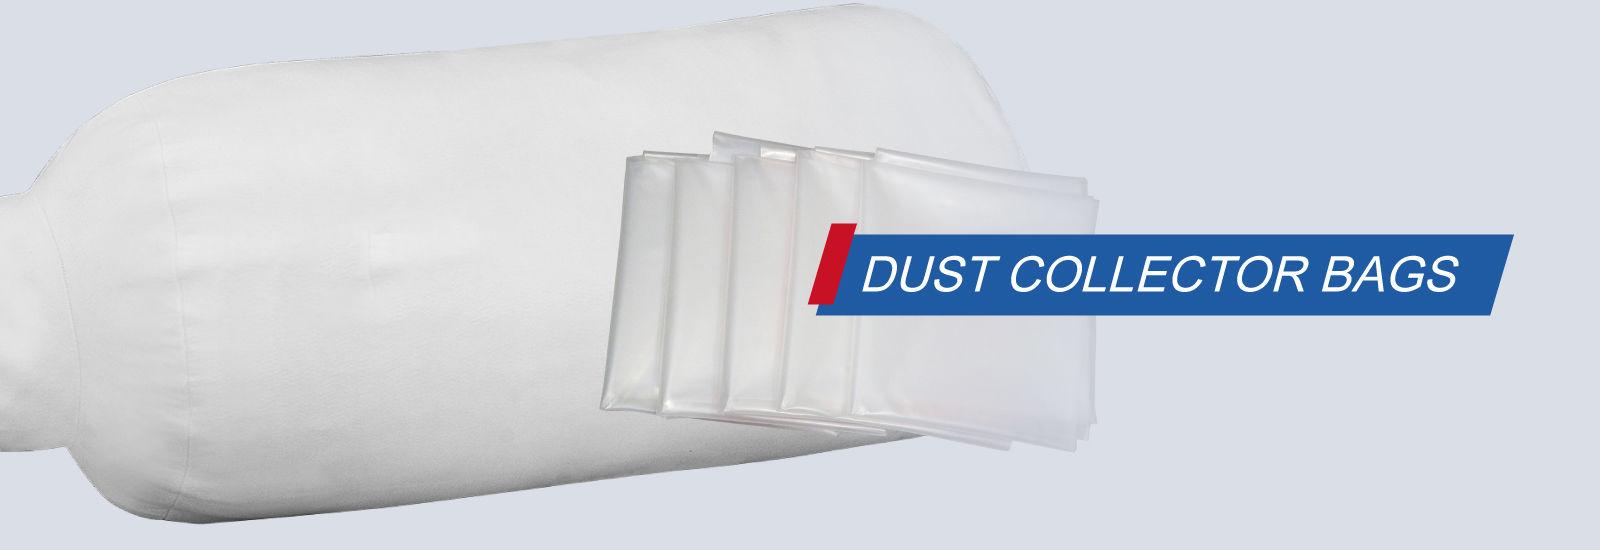 DA-B-Dust Collector Bags